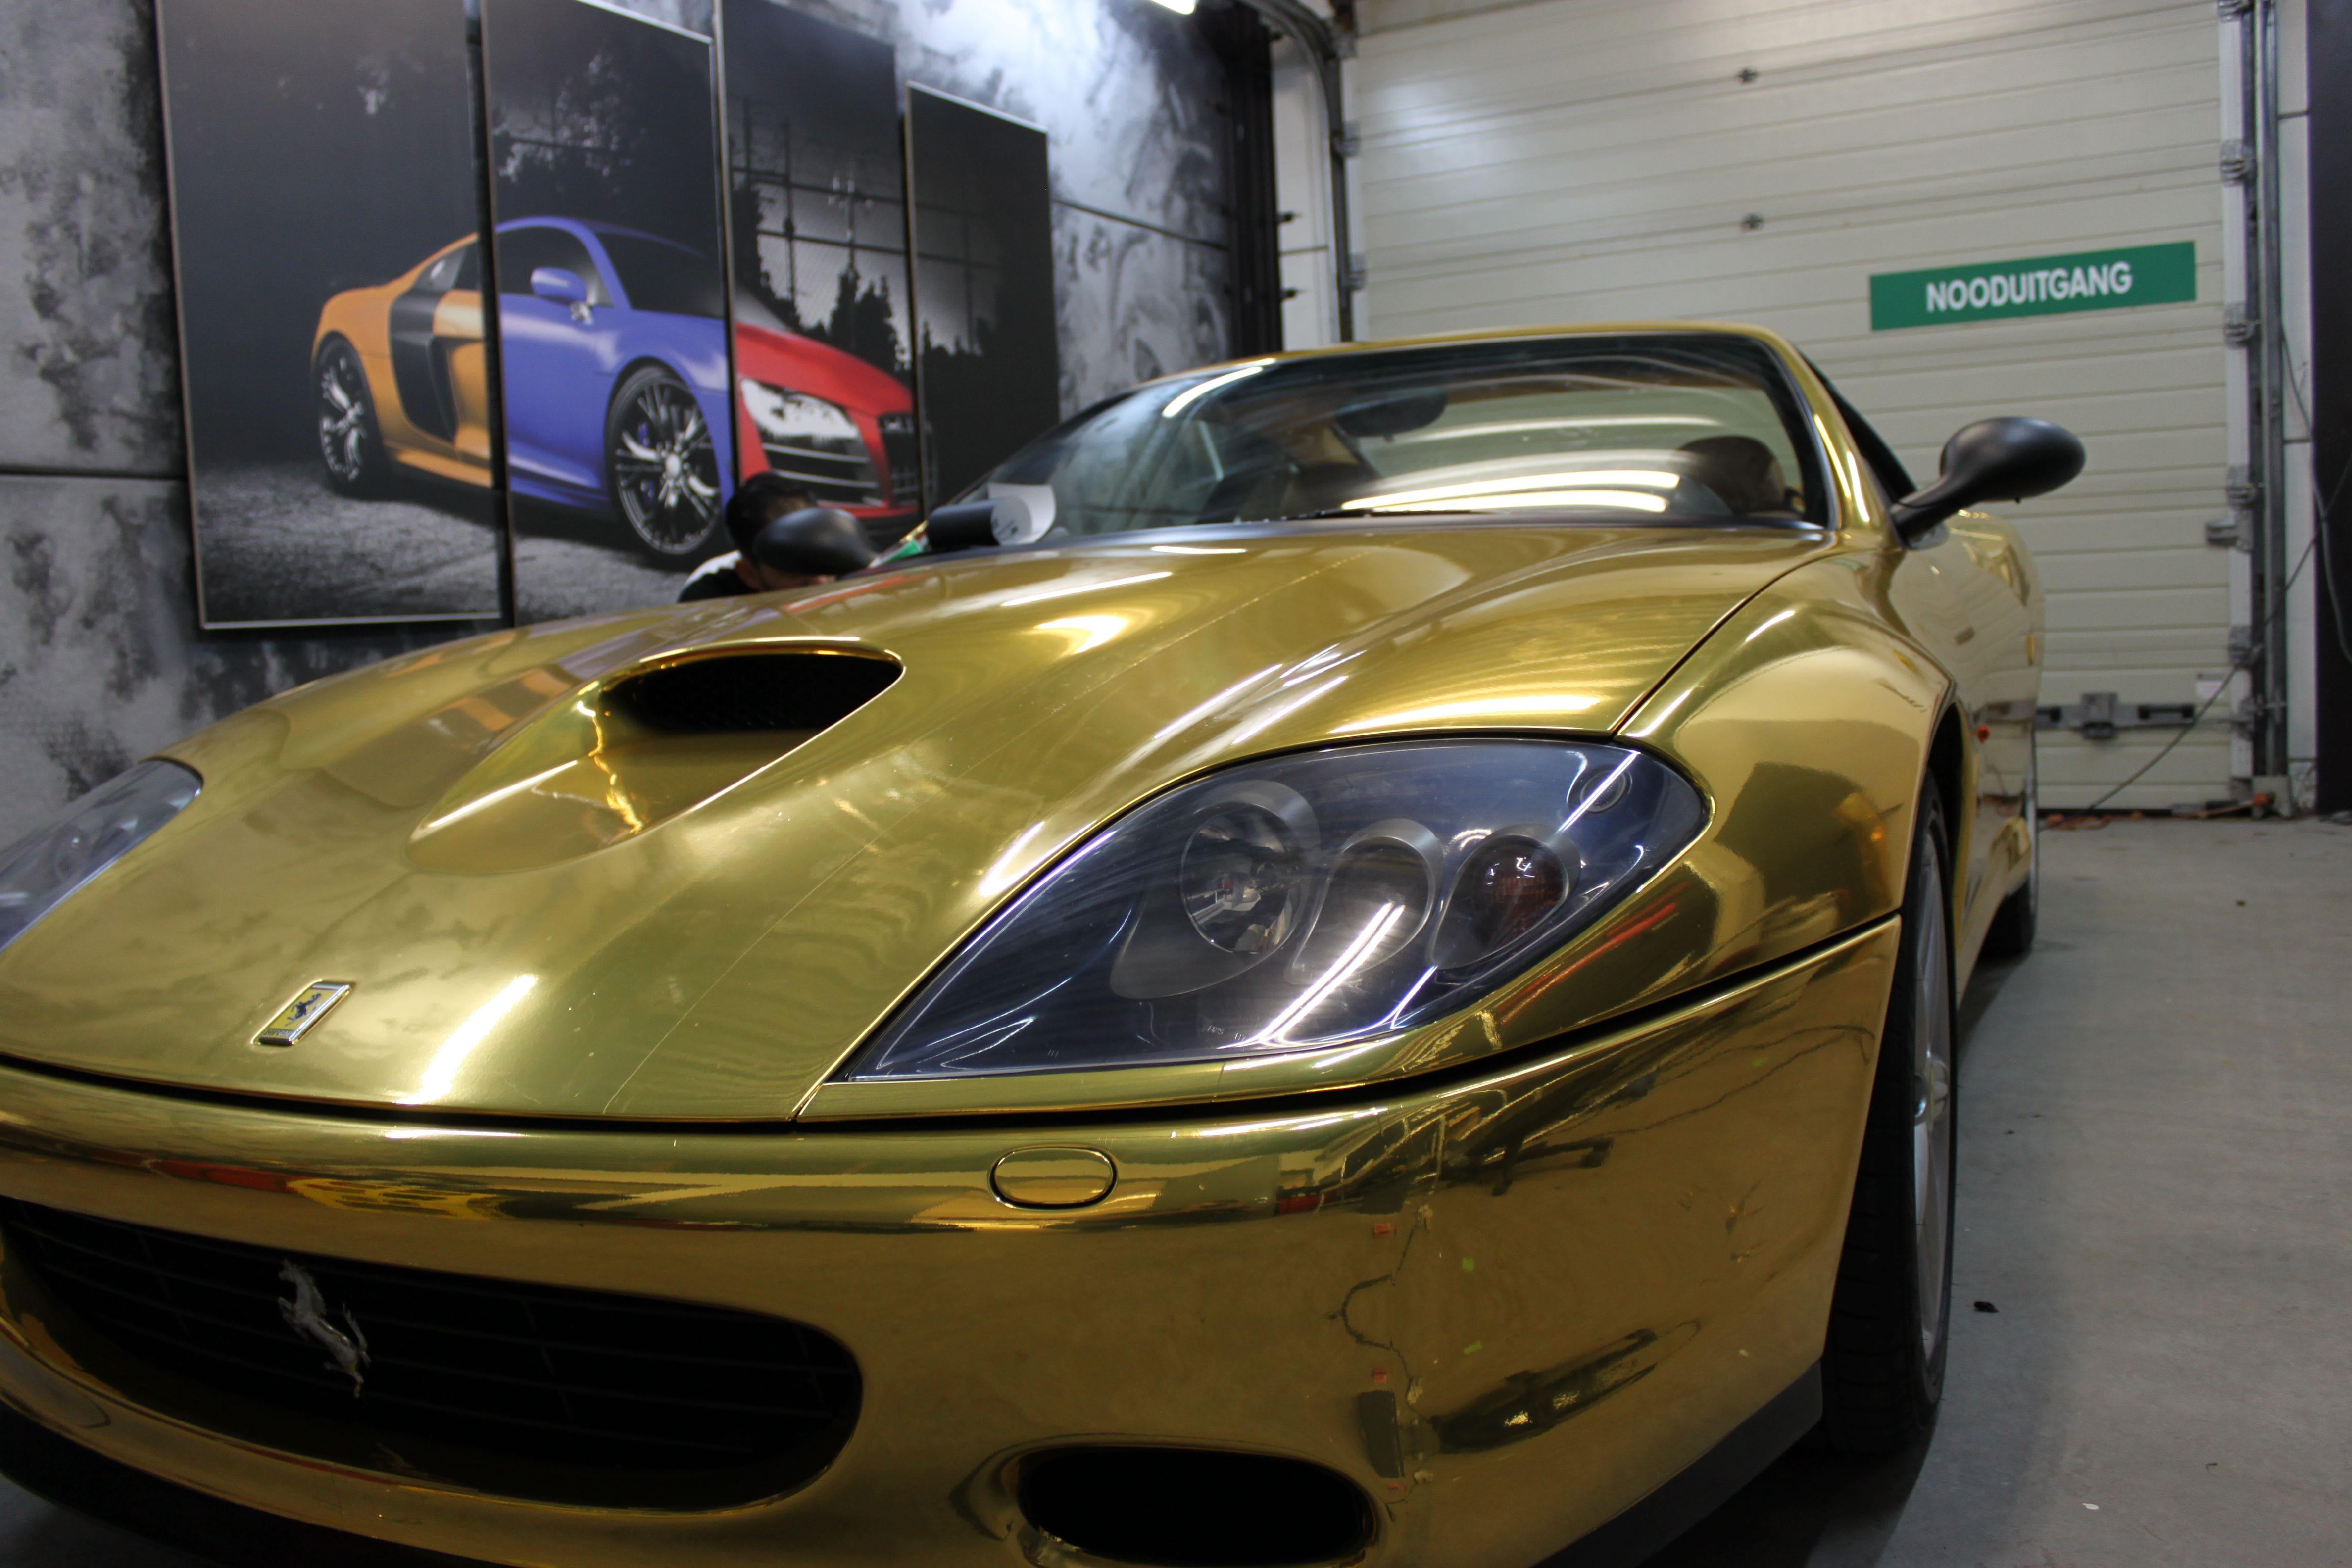 Ferrari 575 met Goud Chrome Wrap., Carwrapping door Wrapmyride.nu Foto-nr:5702, ©2021